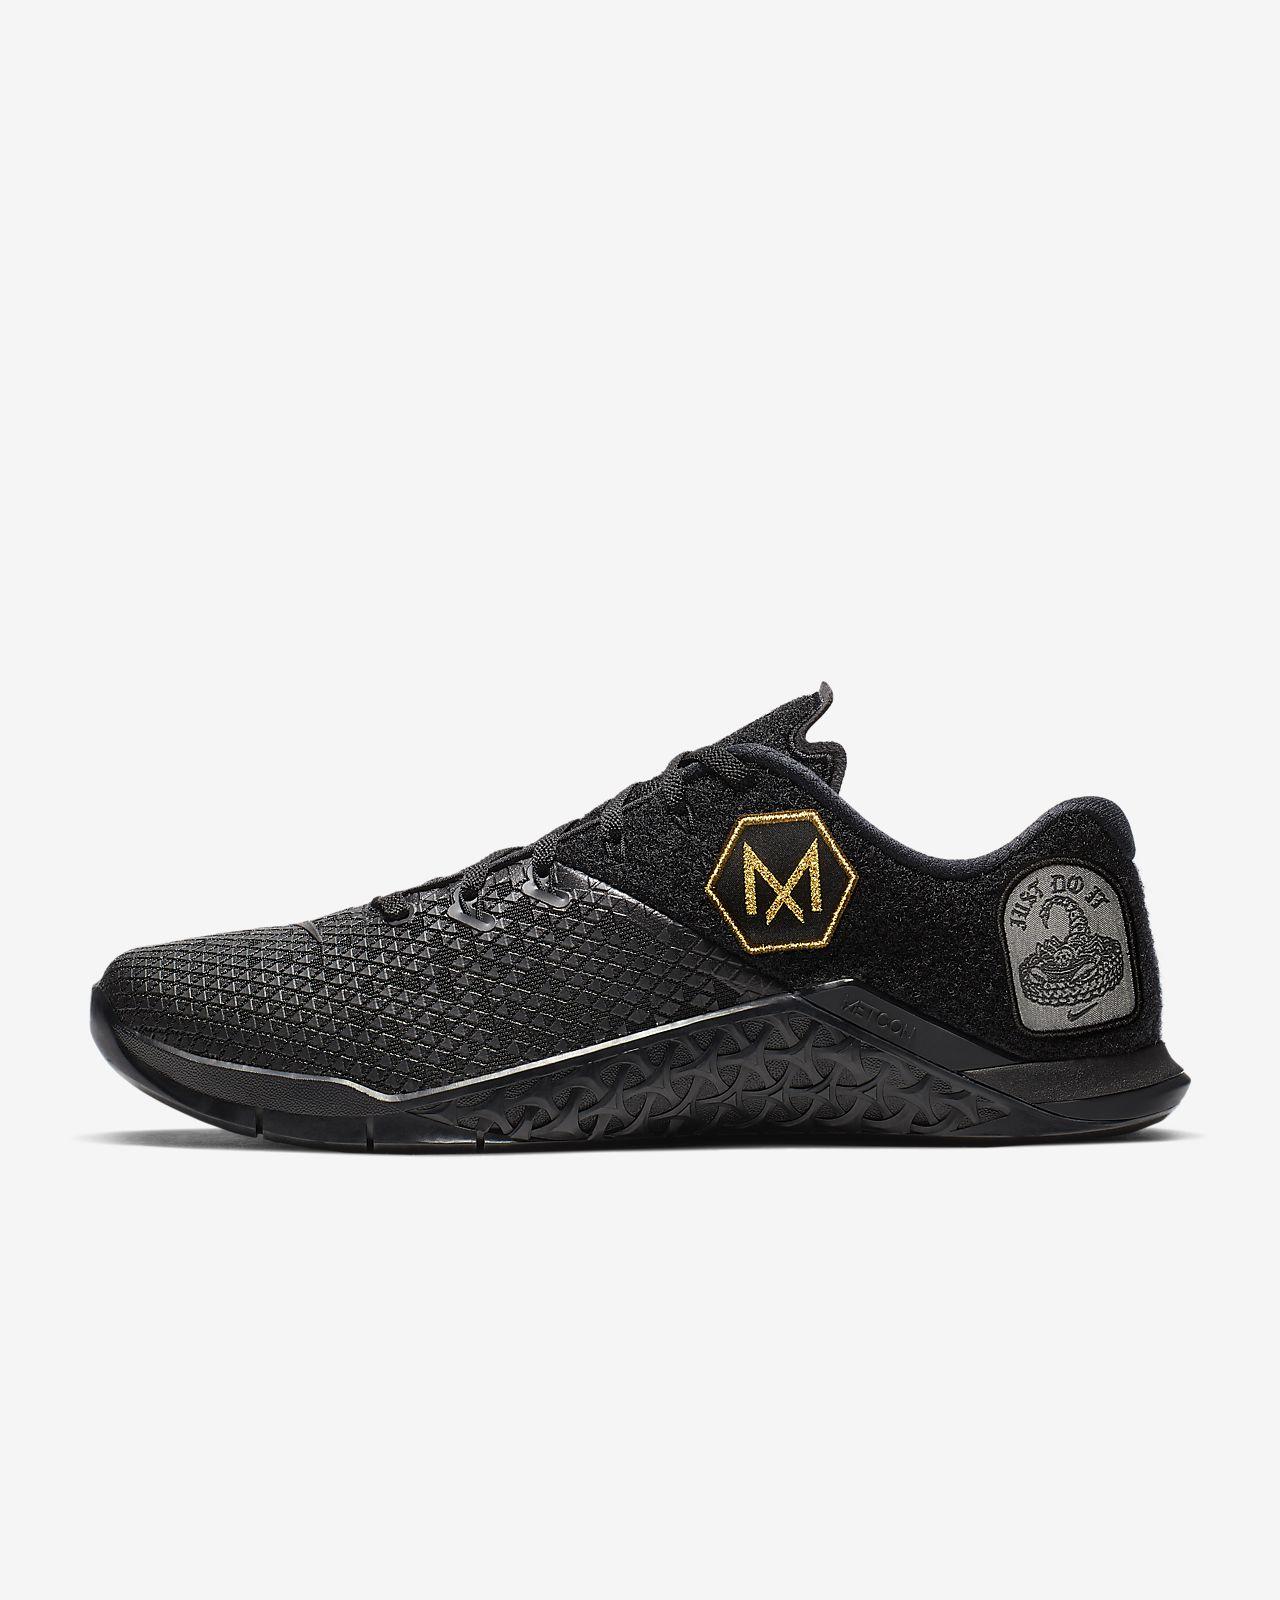 Nike Metcon 4 XD Patch Zapatillas de entrenamiento - Hombre